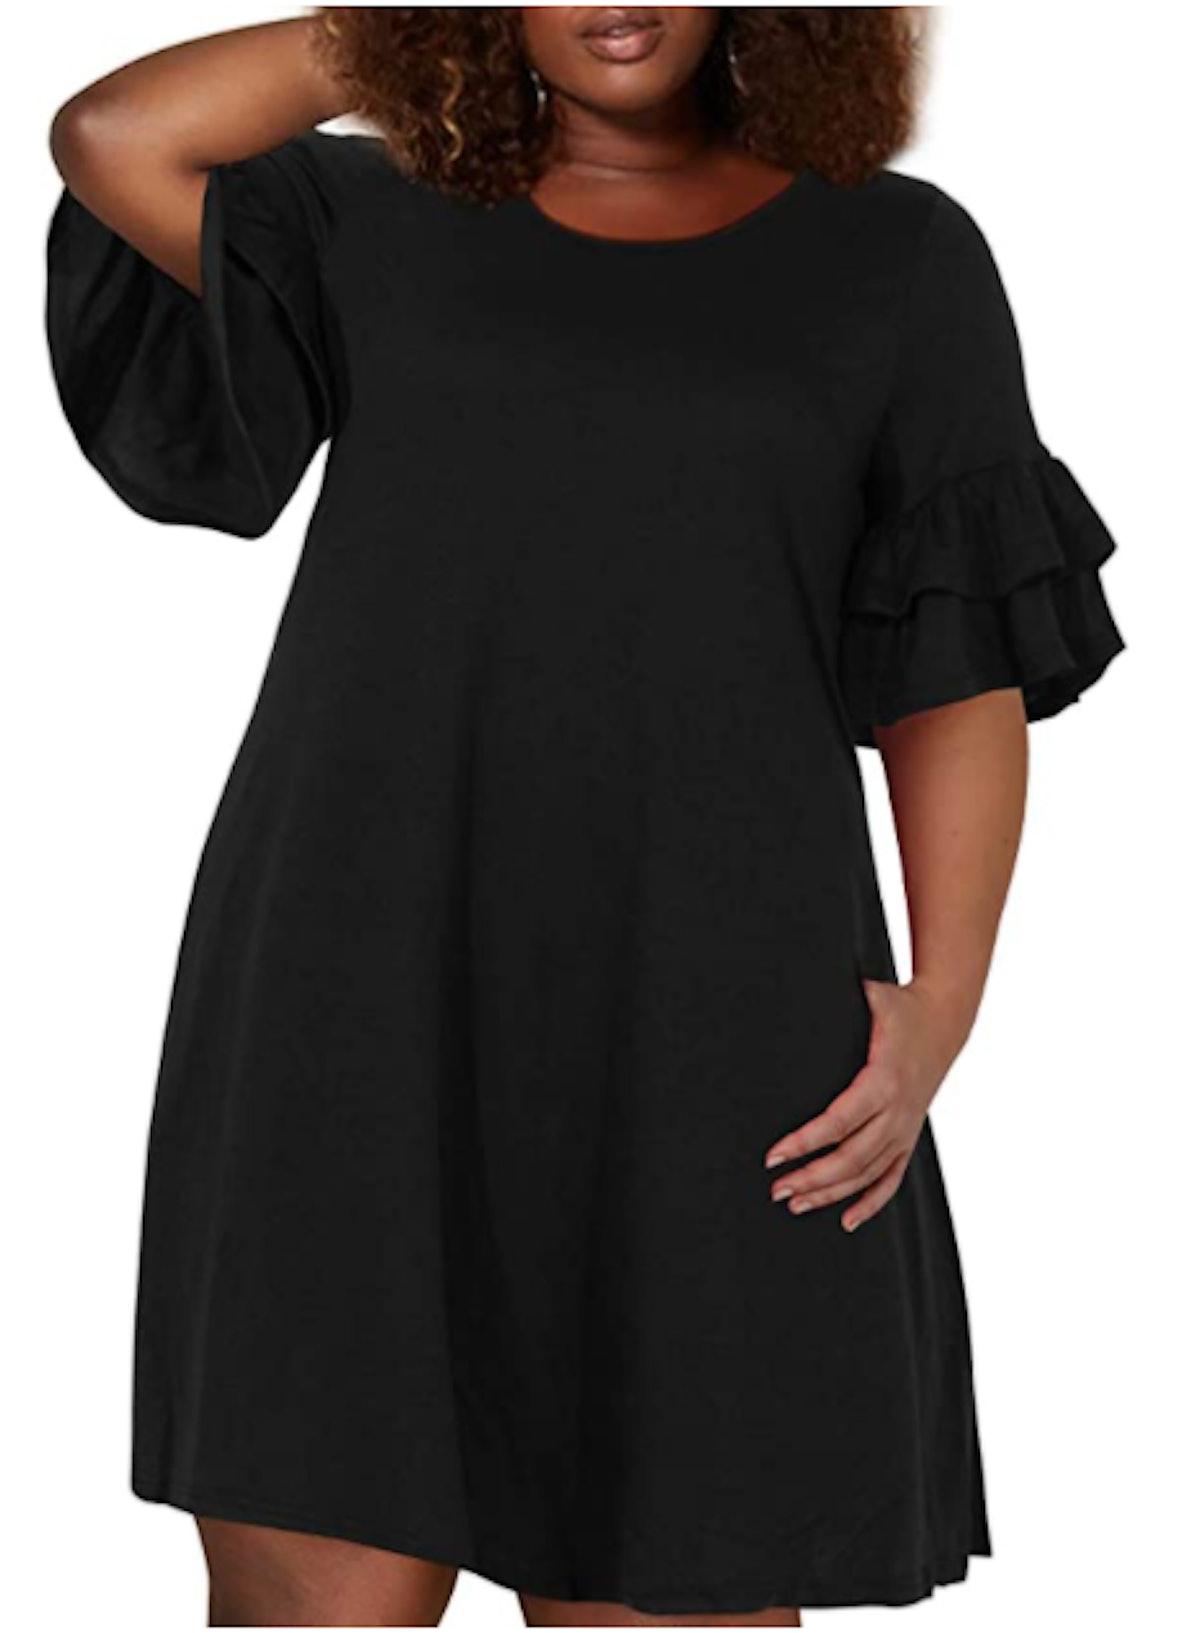 Nemidor Plus Size Jersey Knit Swing Dress